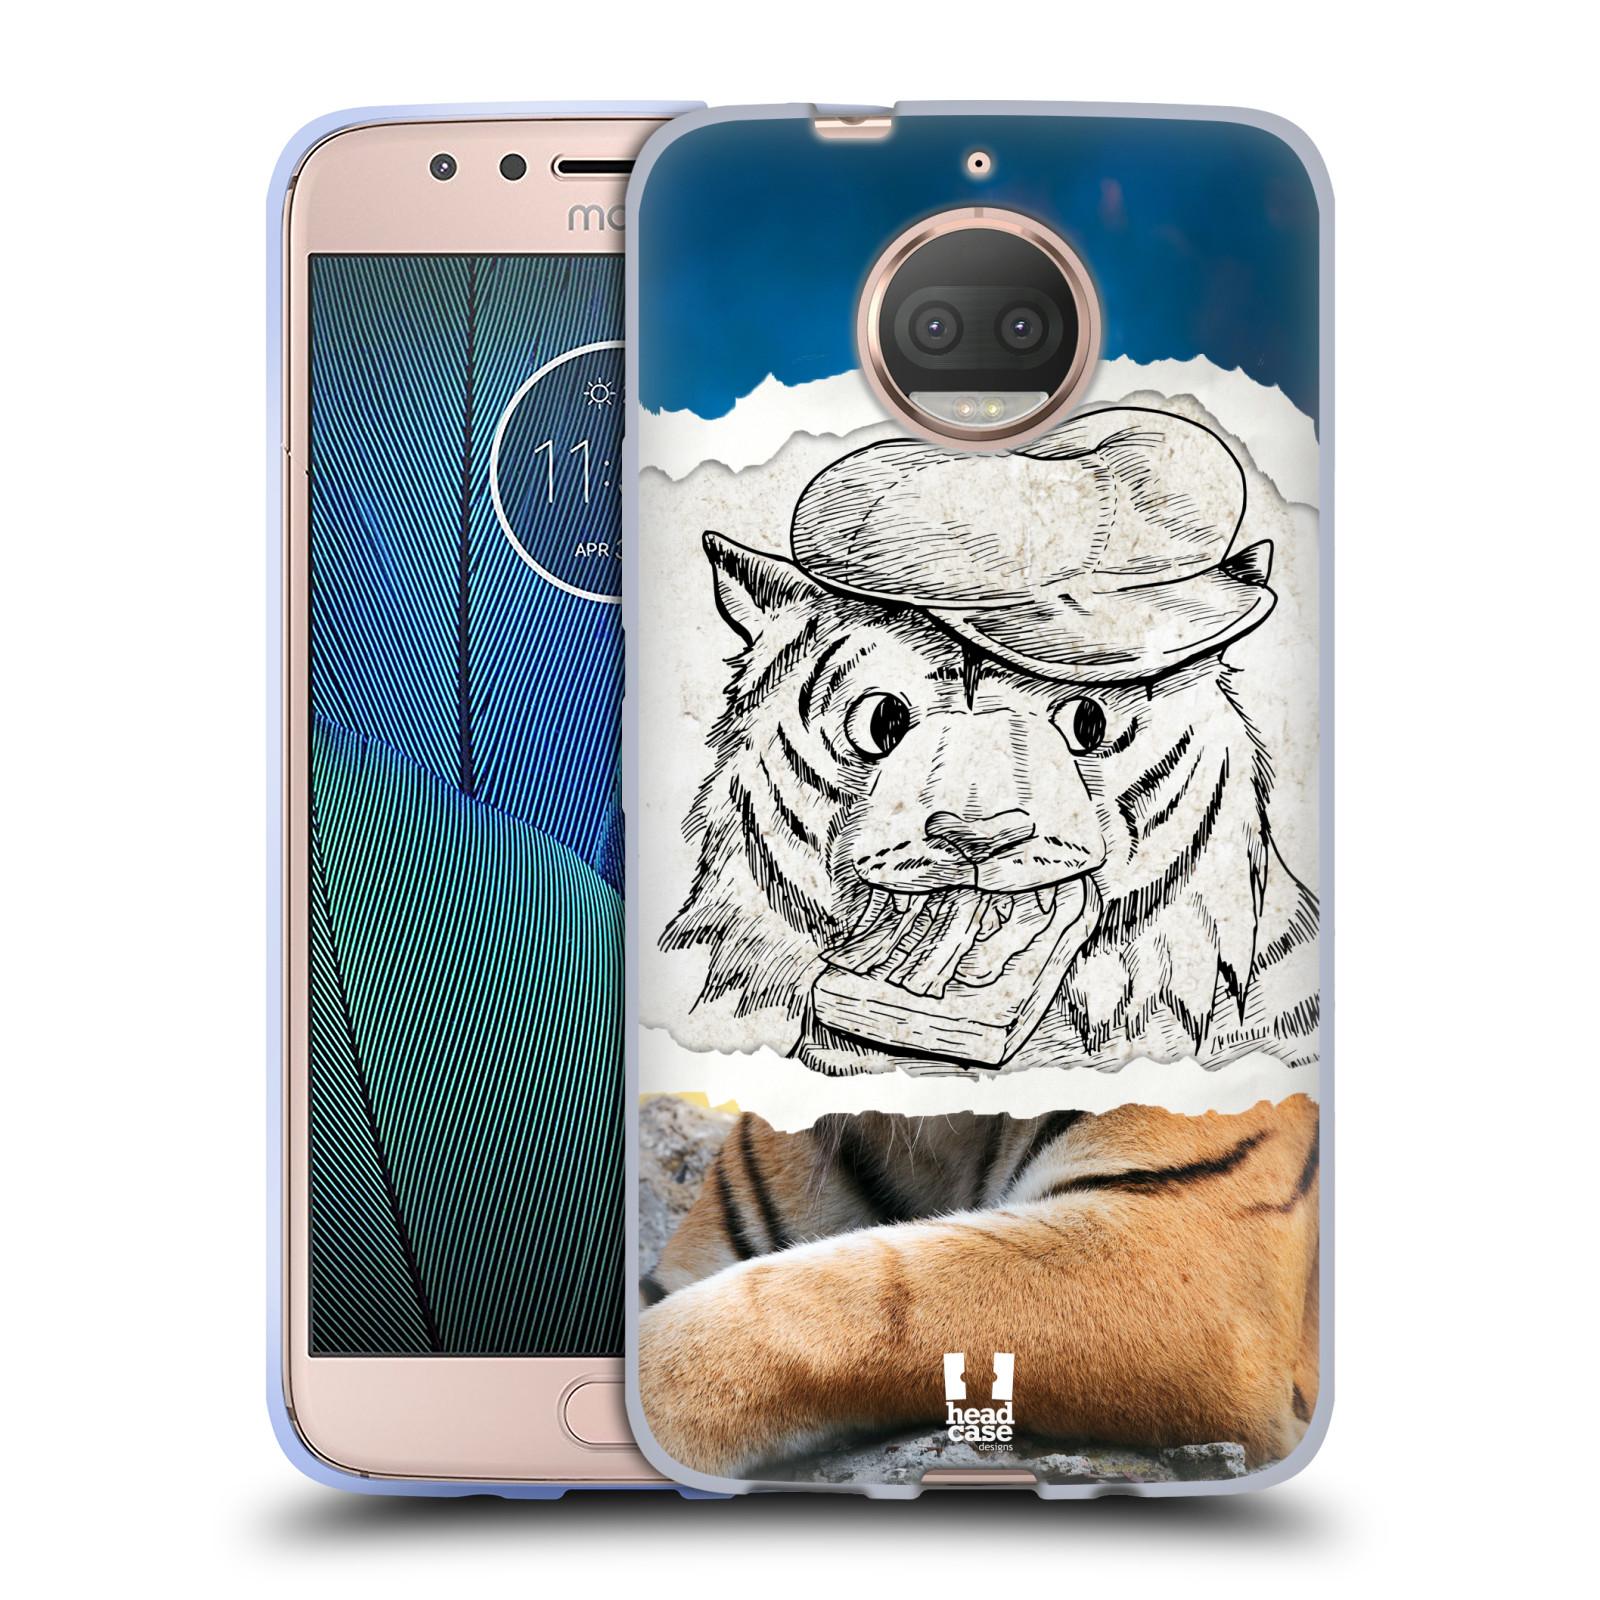 HEAD CASE silikonový obal na mobil Lenovo Moto G5s PLUS vzor zvířata koláž tygr fešák